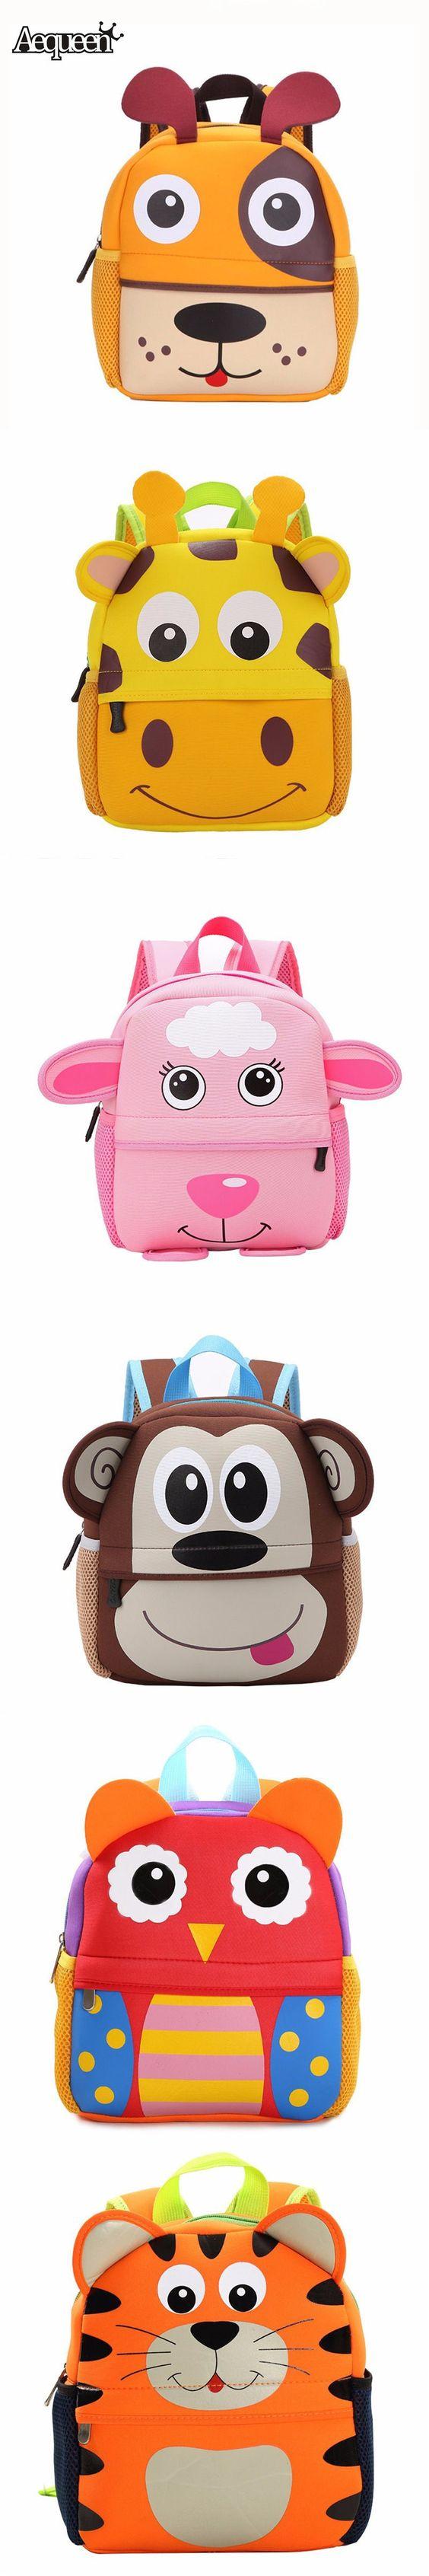 حقائب ظهر بتصميمات ونقشات عصرية للاطفال 2018 1516618892523.jpg